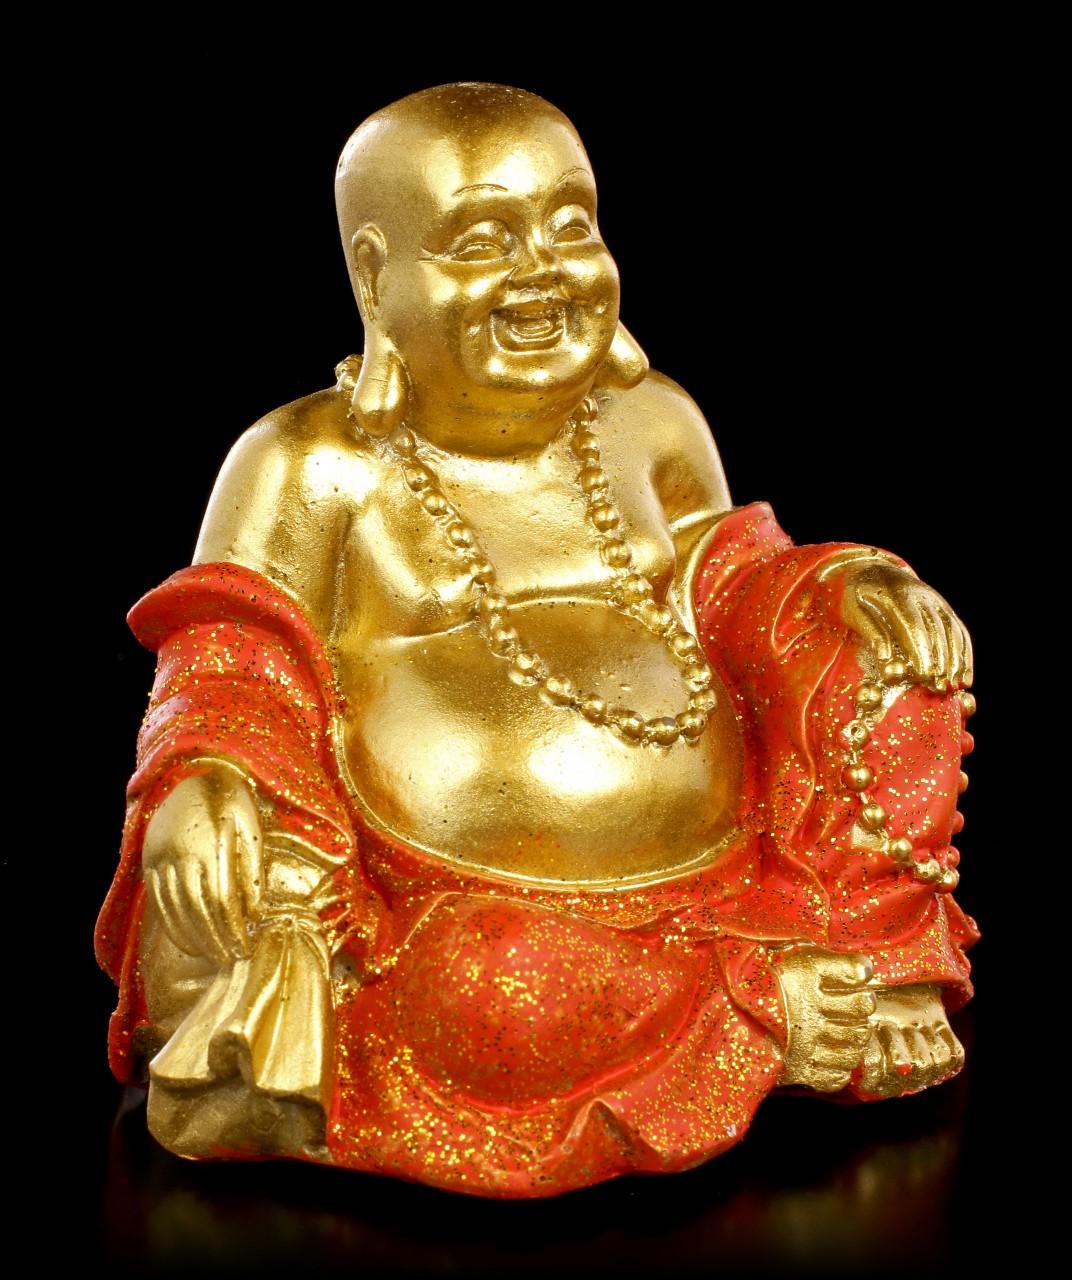 Kleine Buddha Spardose - Good Luck